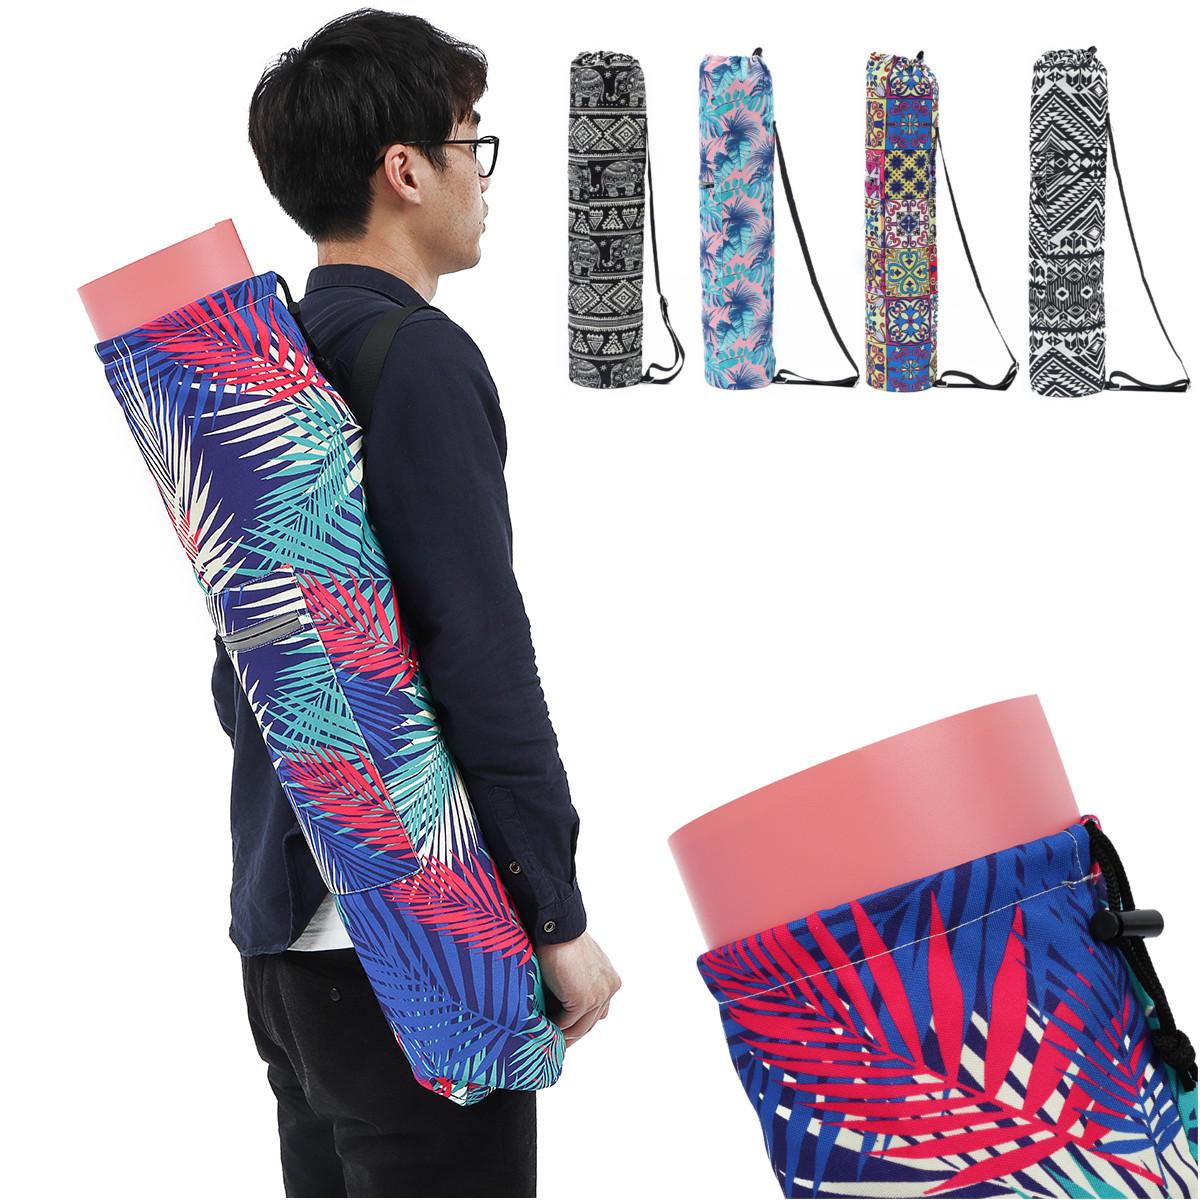 KALOAD Printed Pattern Canvas Yoga Bag Outdoor Sports Fitness Shoulder Bag Yoga Backpack